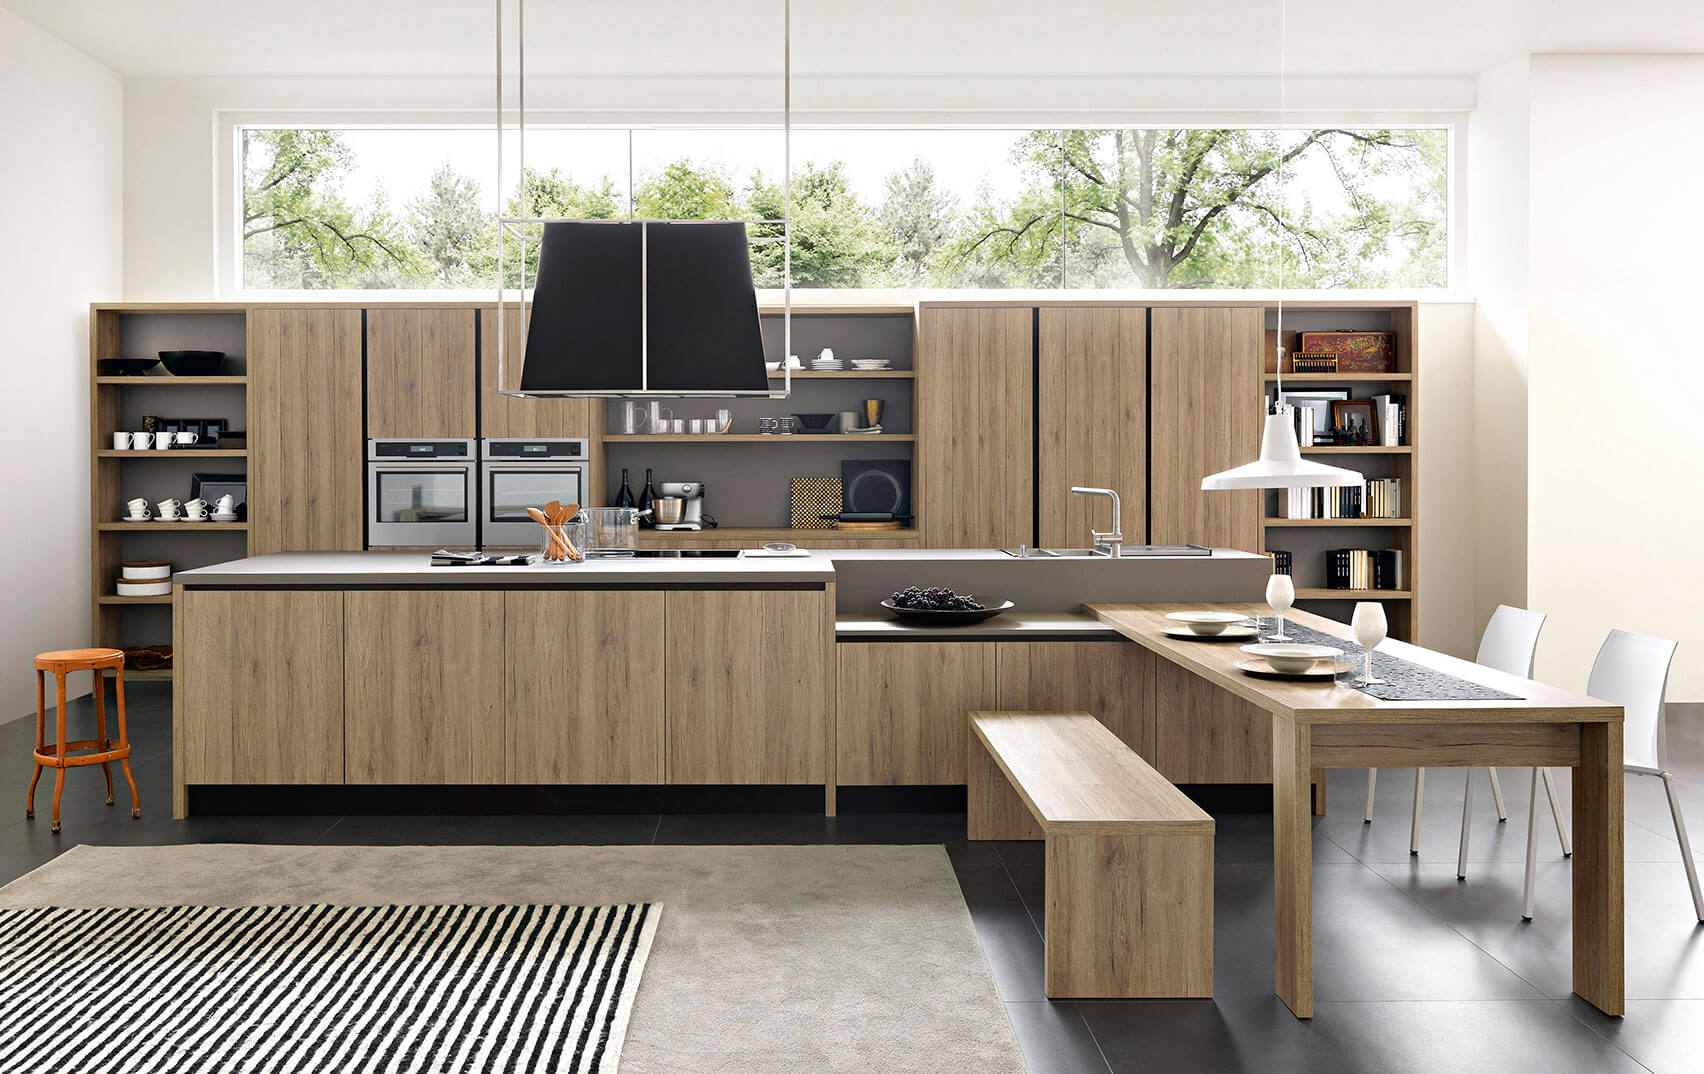 Decoracion de cocinas modernas en zaragoza blunni for Estilos de cocinas integrales modernas